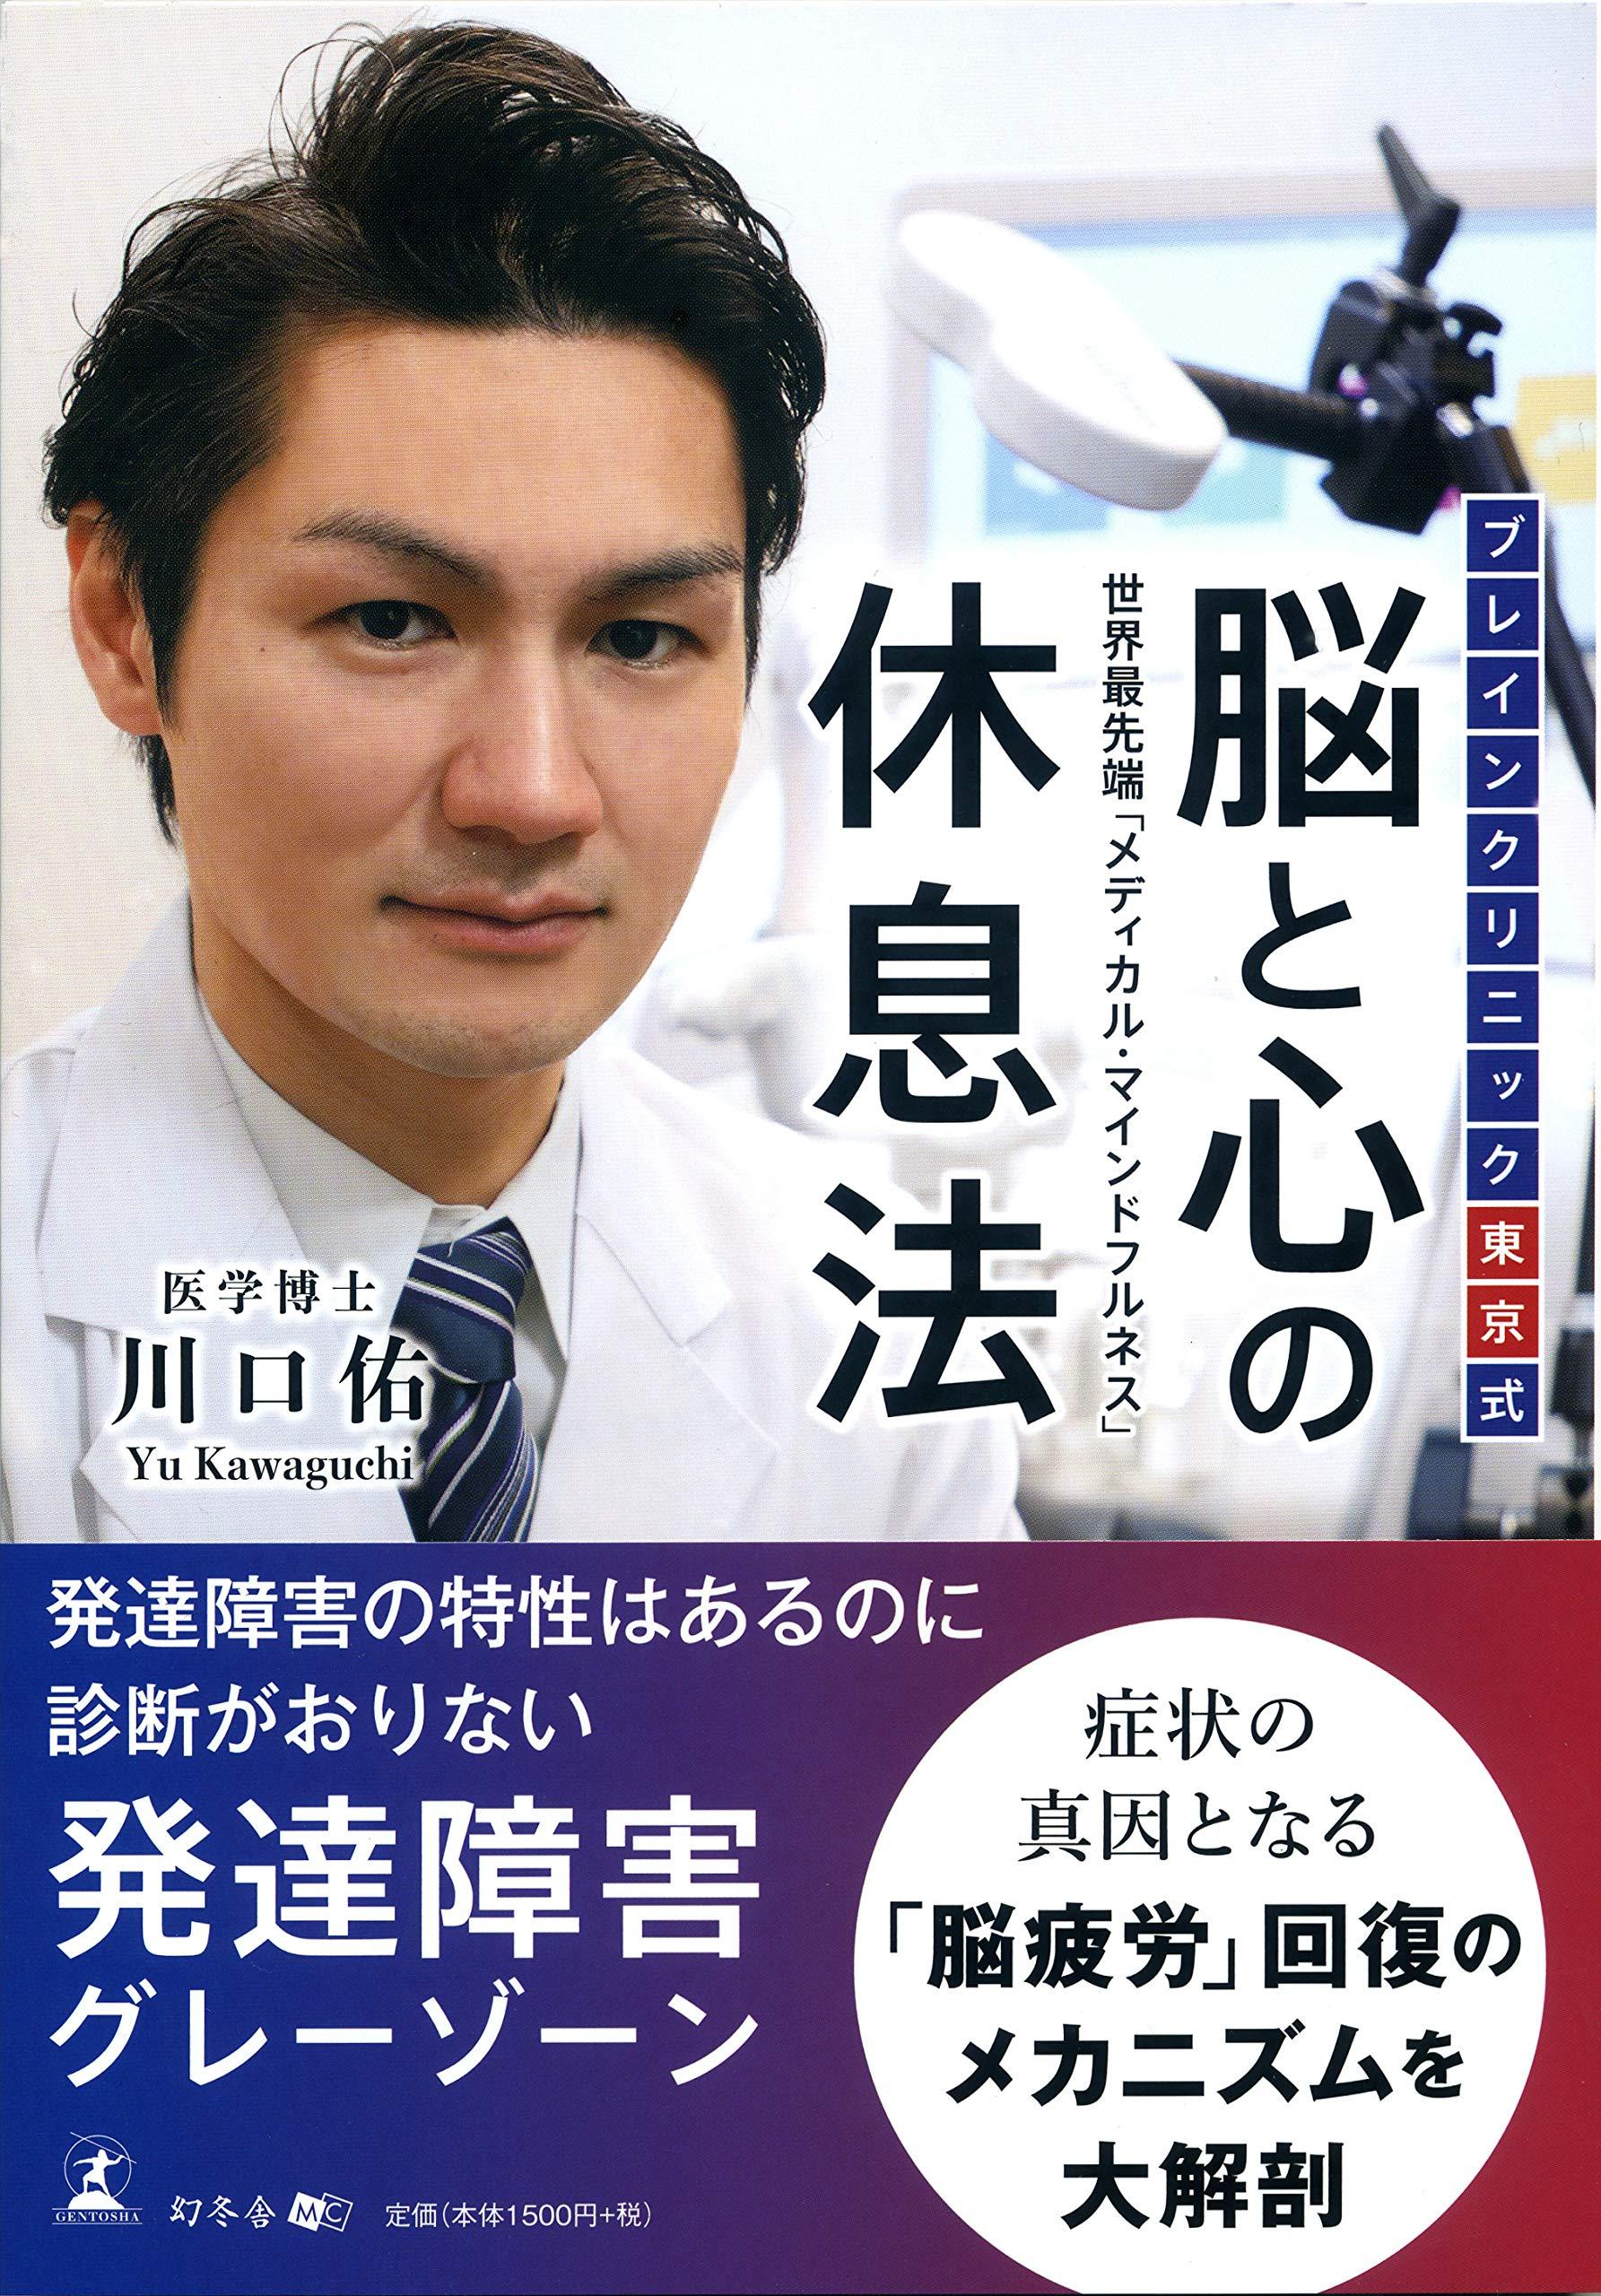 クリニック 評判 ブレイン 東京